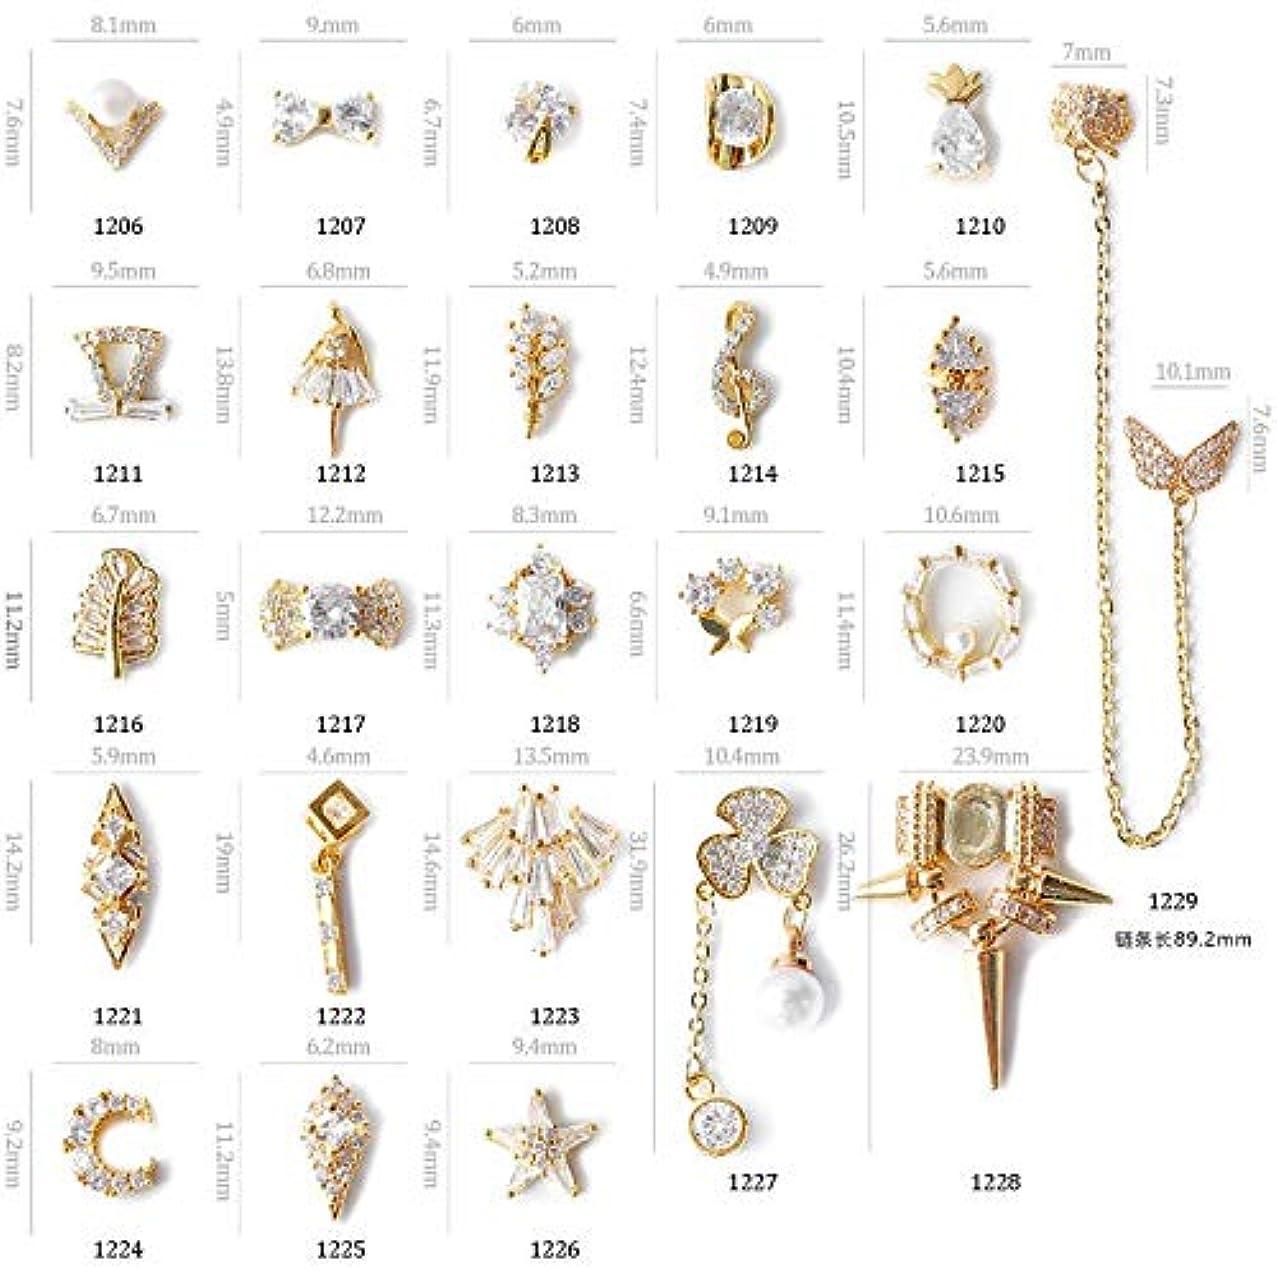 メールきらめき果てしないJonathan ハンドケア 24種類のスタイルネイルアート装飾合金ジルコン 金属ジュエリーは光沢のあるジルコンラインストーンをフェードしません